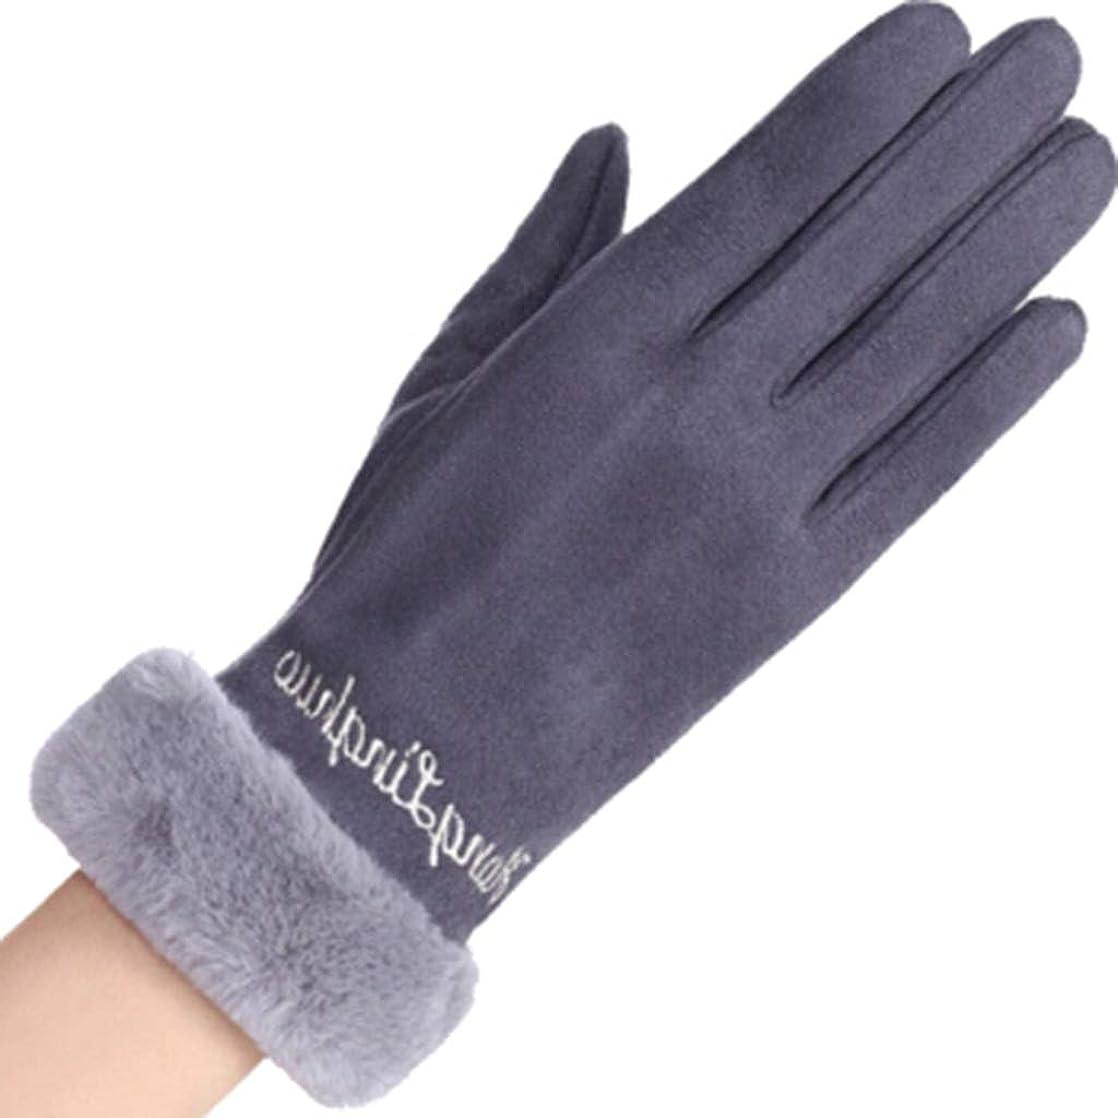 隙間連帯机手袋の女性の暖かいタッチスクリーンの携帯電話春と秋の冬の防風レターレディースウール手袋黒灰色の粉 (色 : Gray)